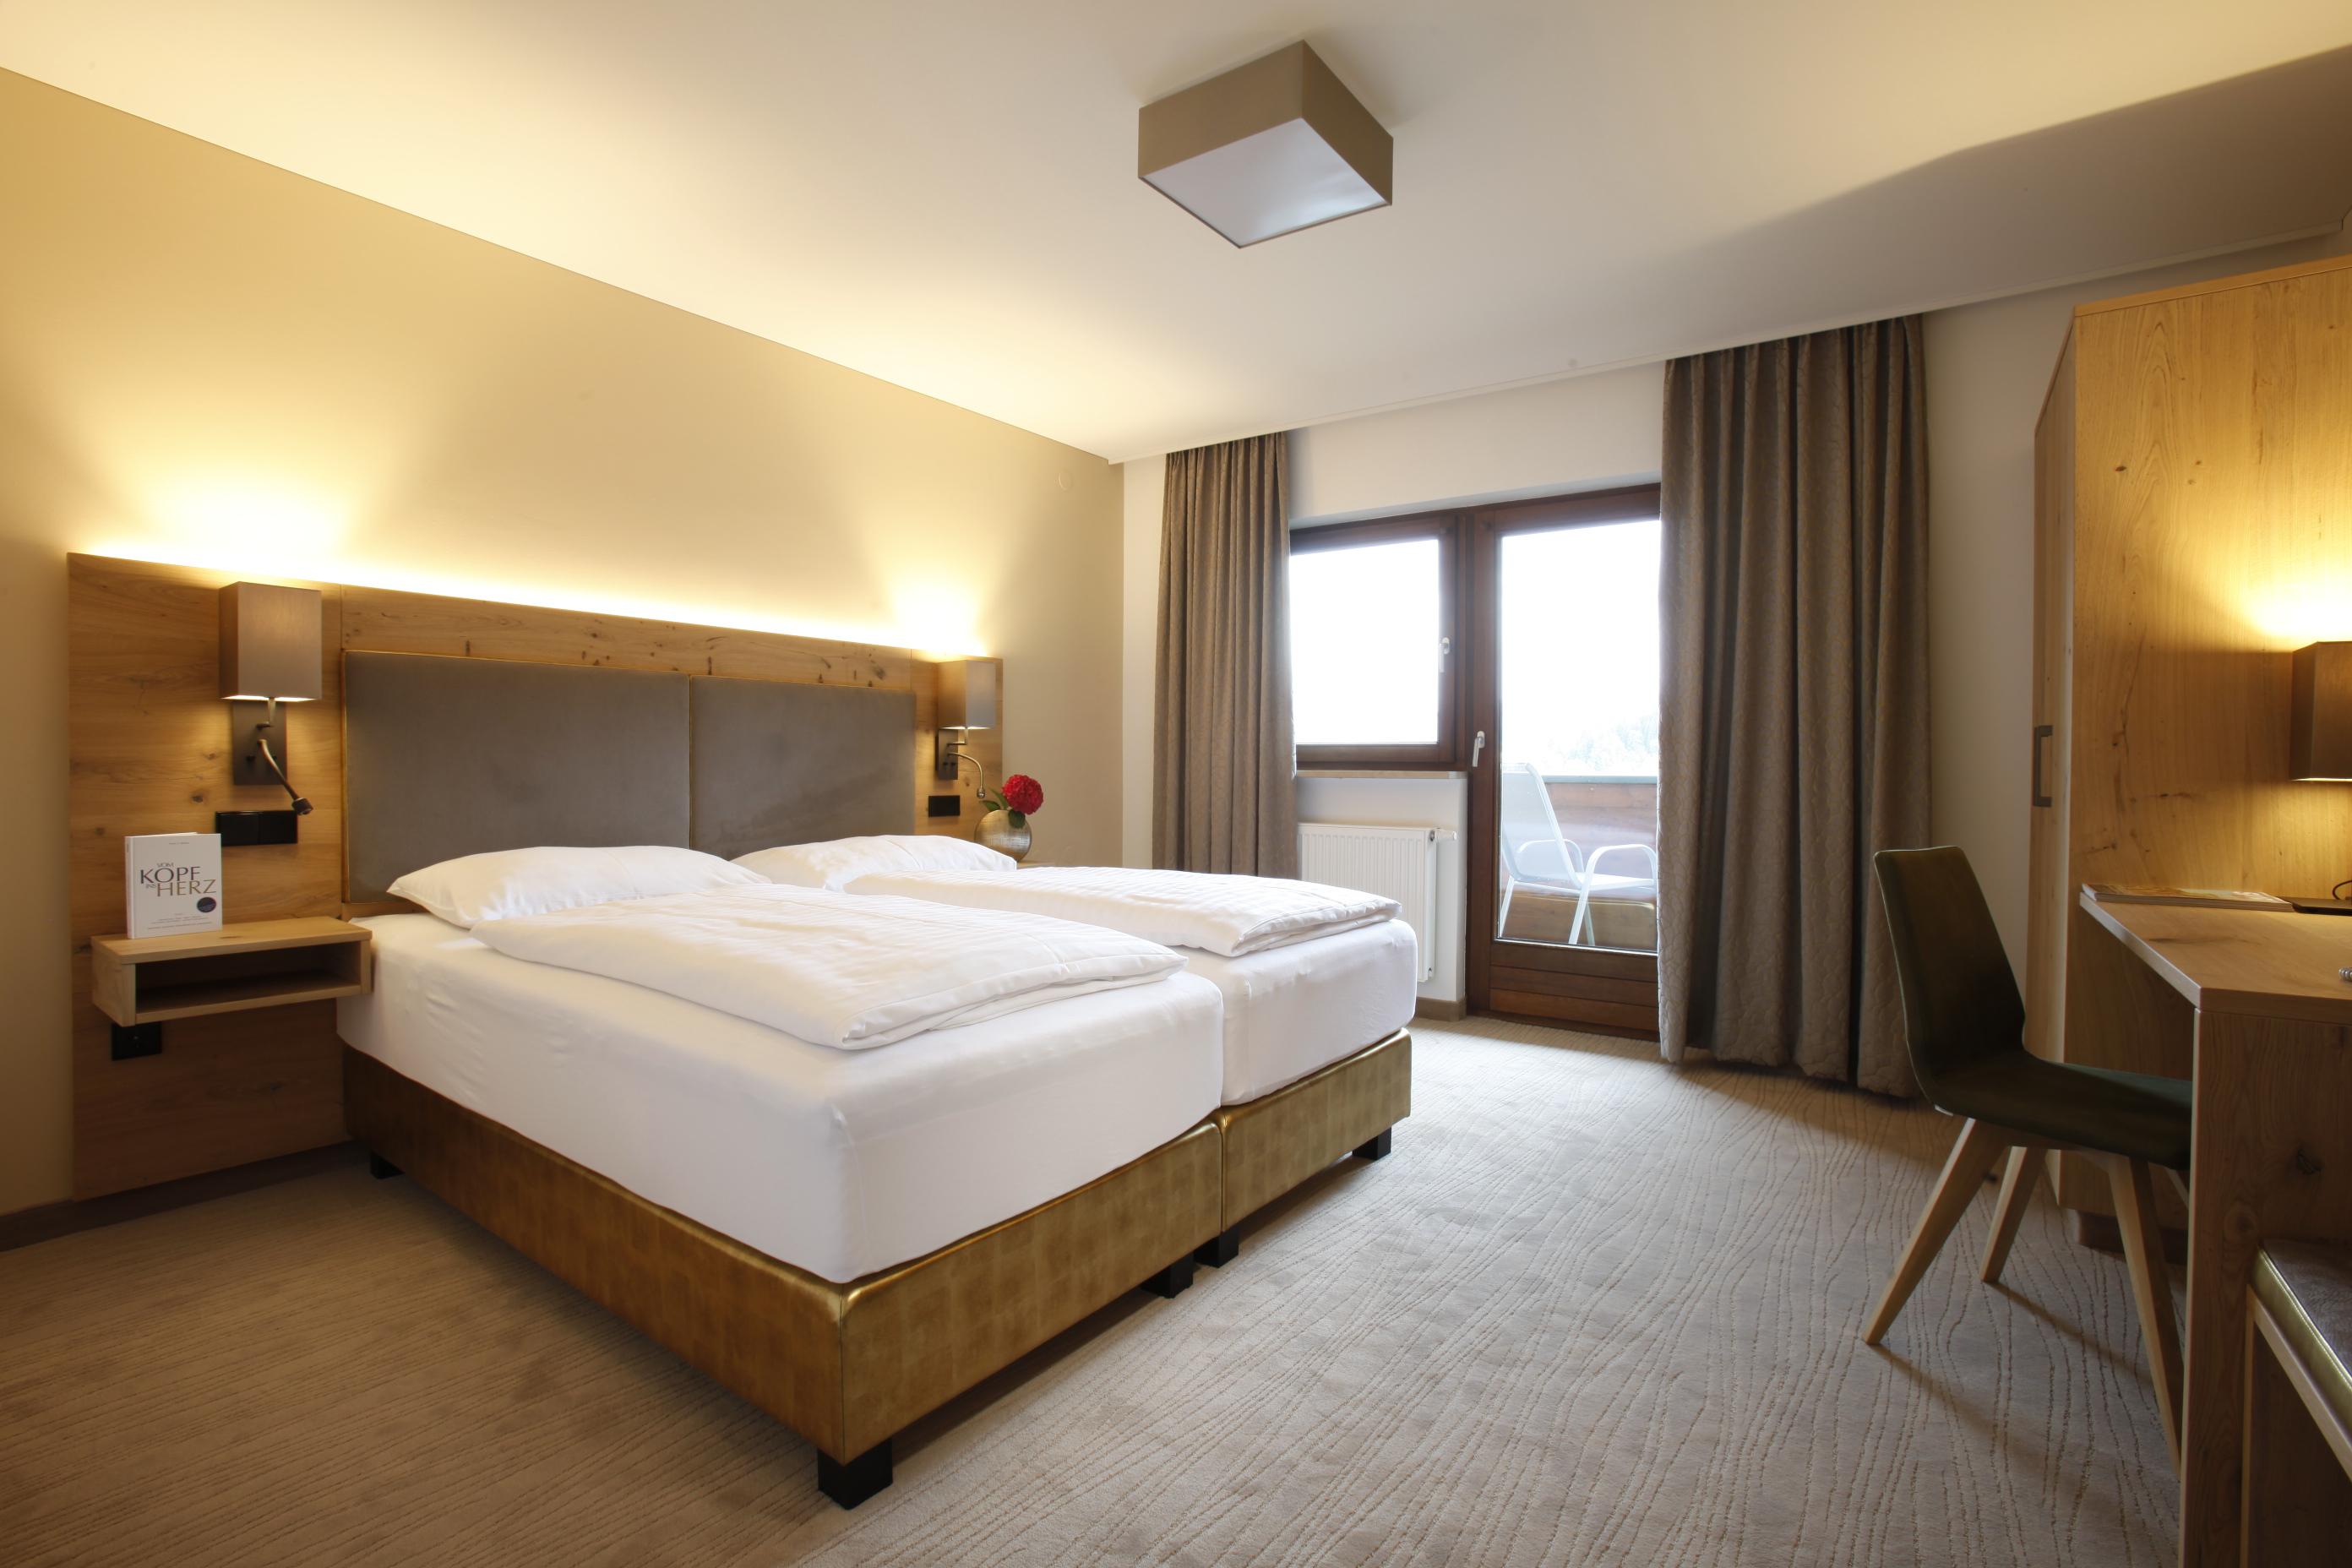 Hotel Hechl